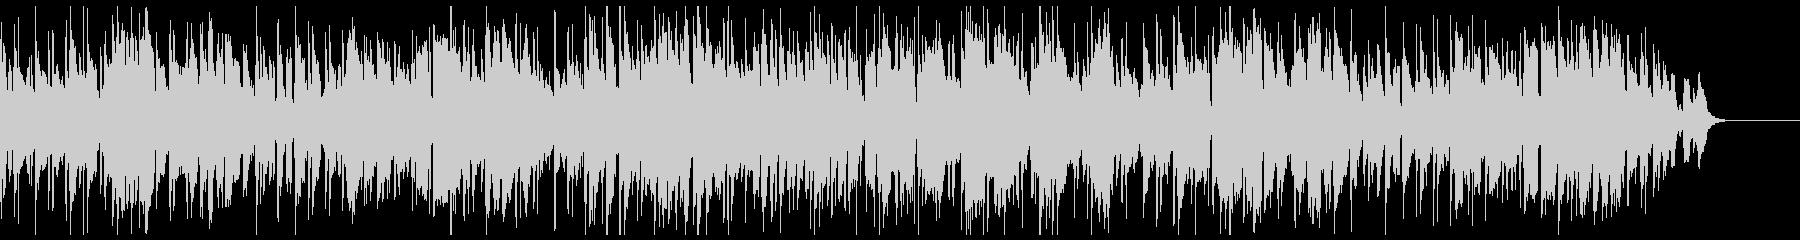 おしゃれなカフェボサノバの未再生の波形